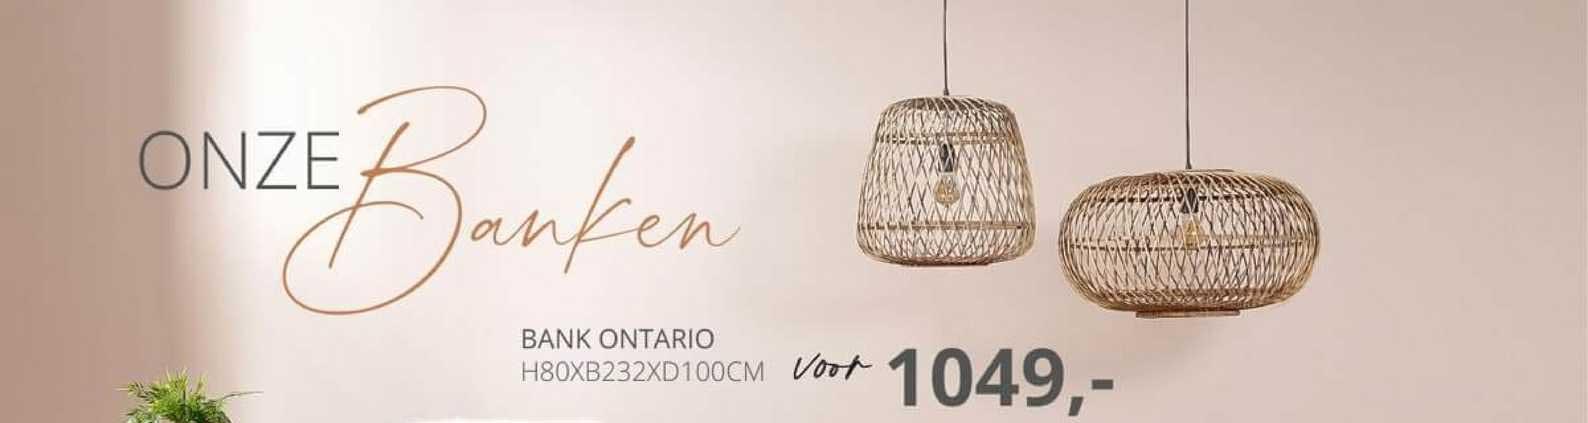 De Bommel Meubelen Bank Ontario H80xB232xD100cm